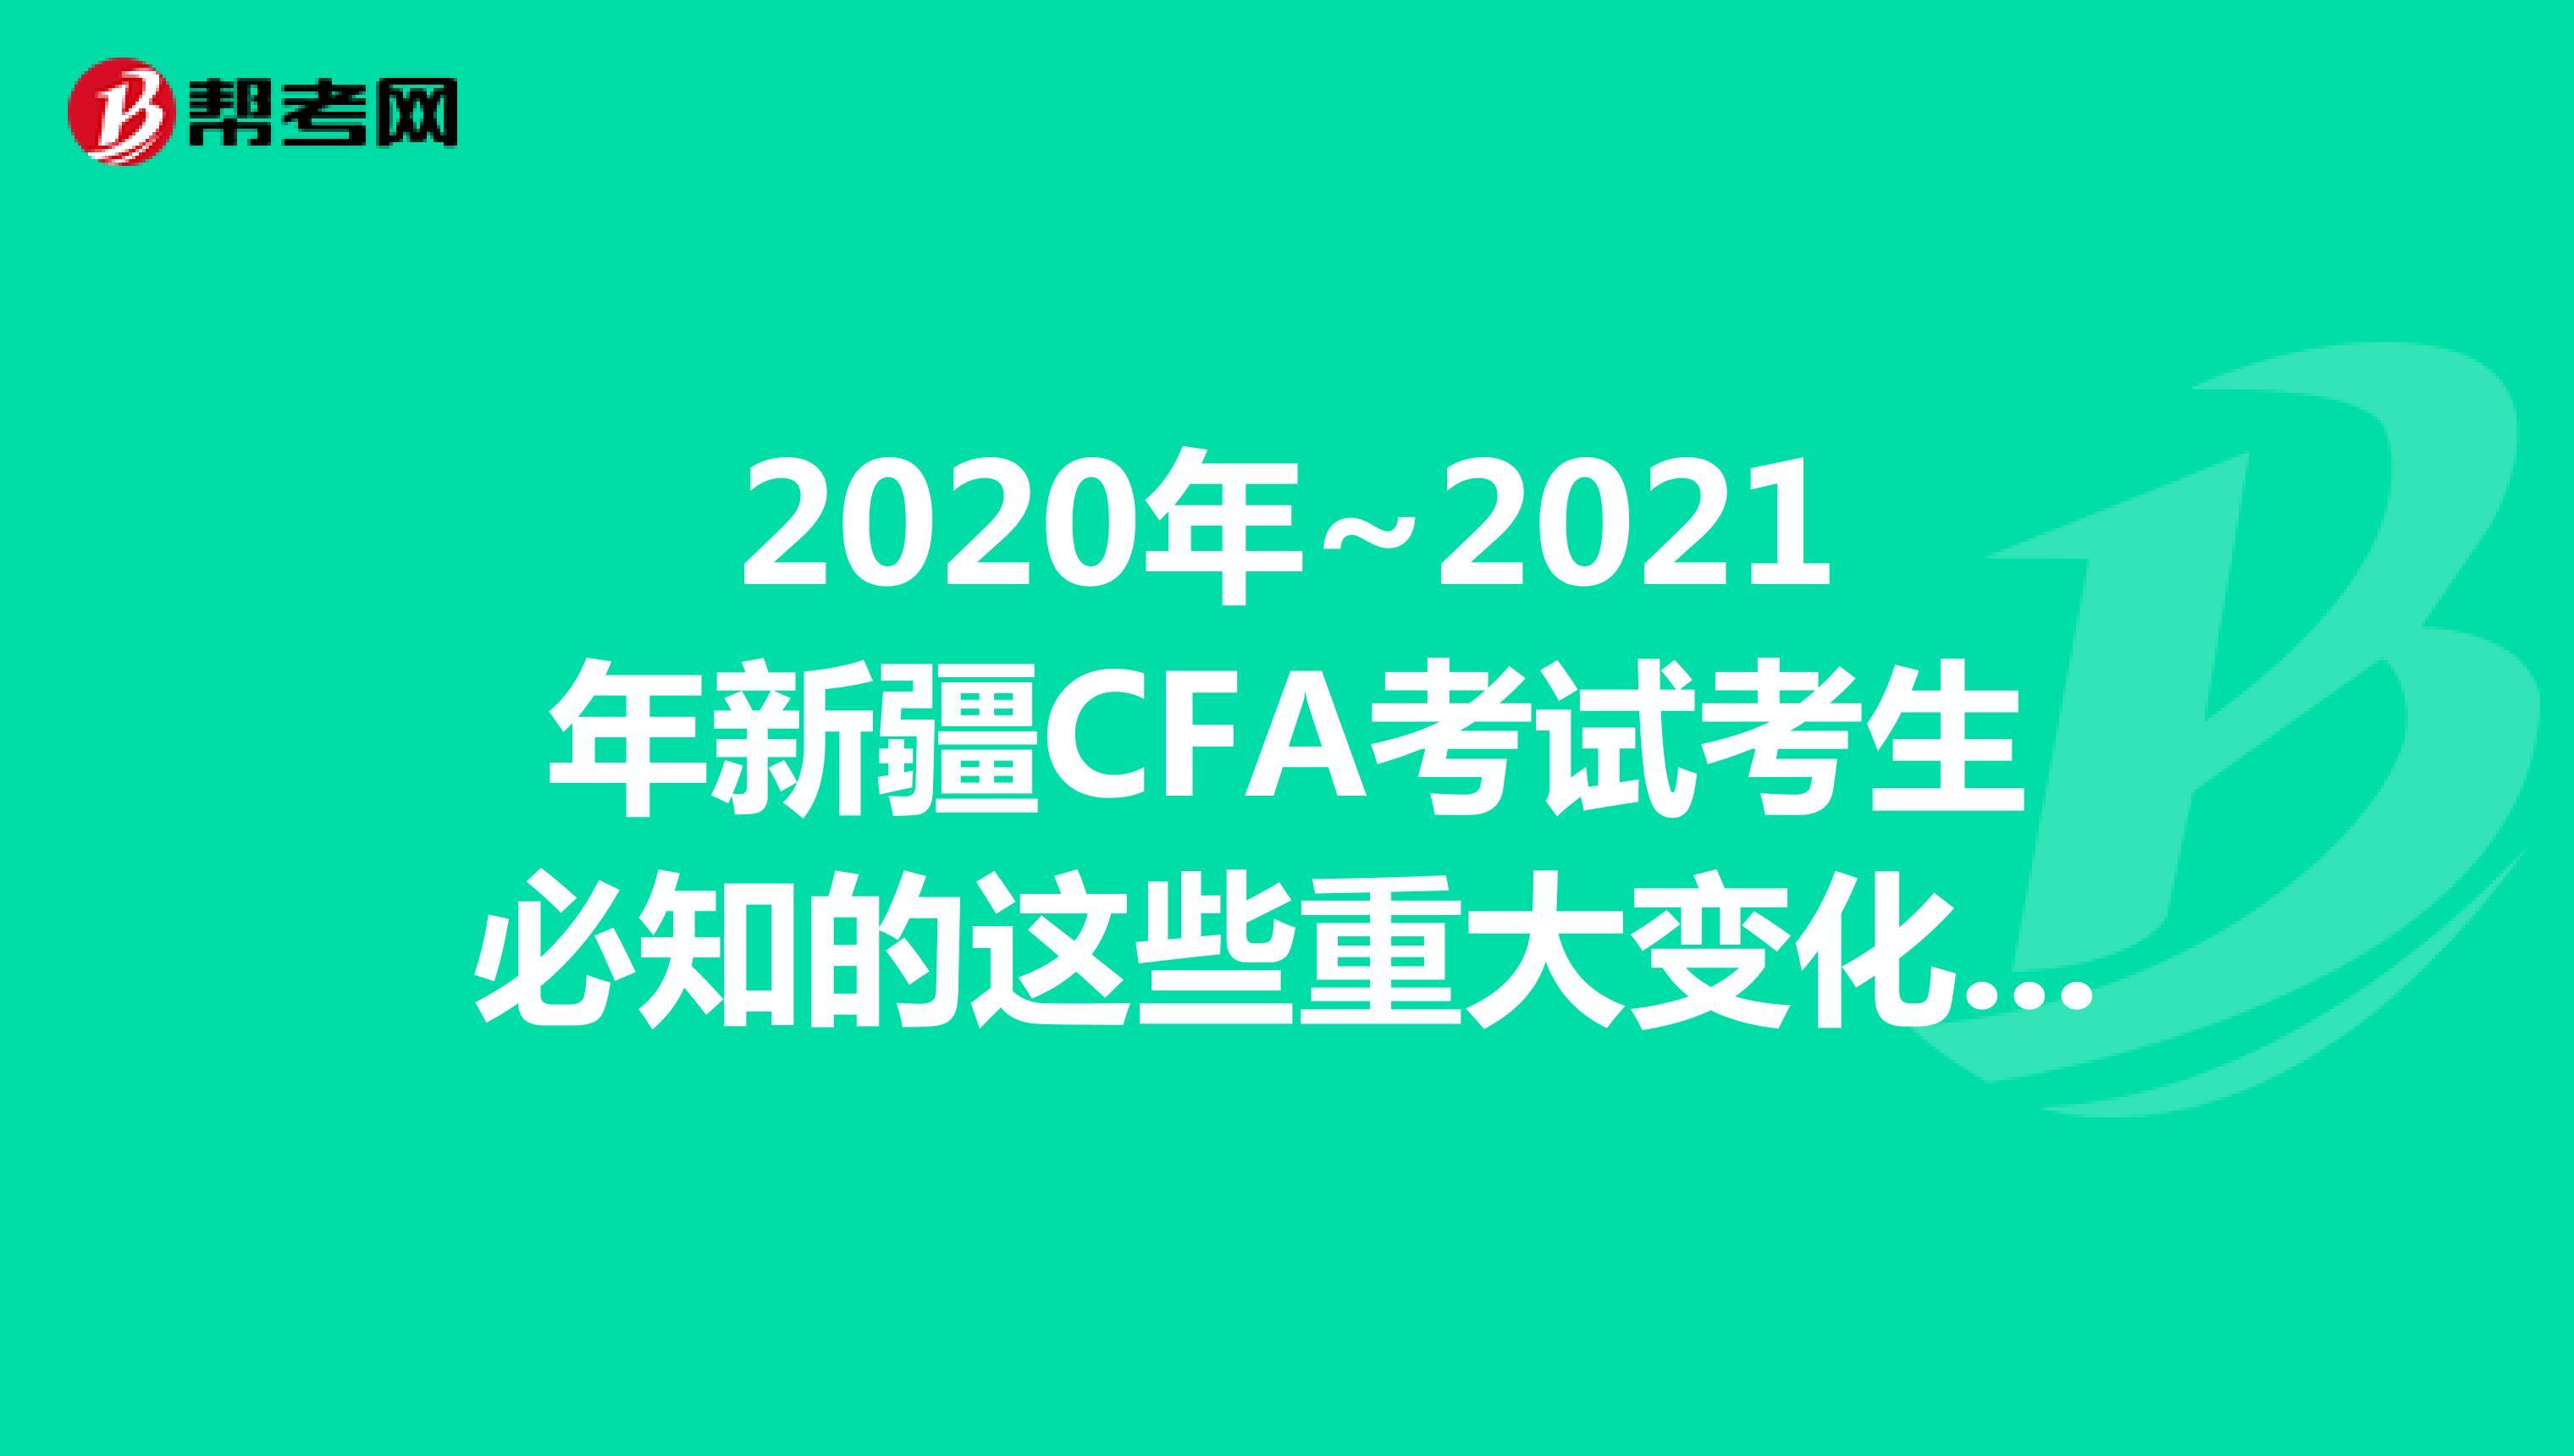 2020年~2021年新疆CFA考试考生必知的这些重大变化,快来看看吧!